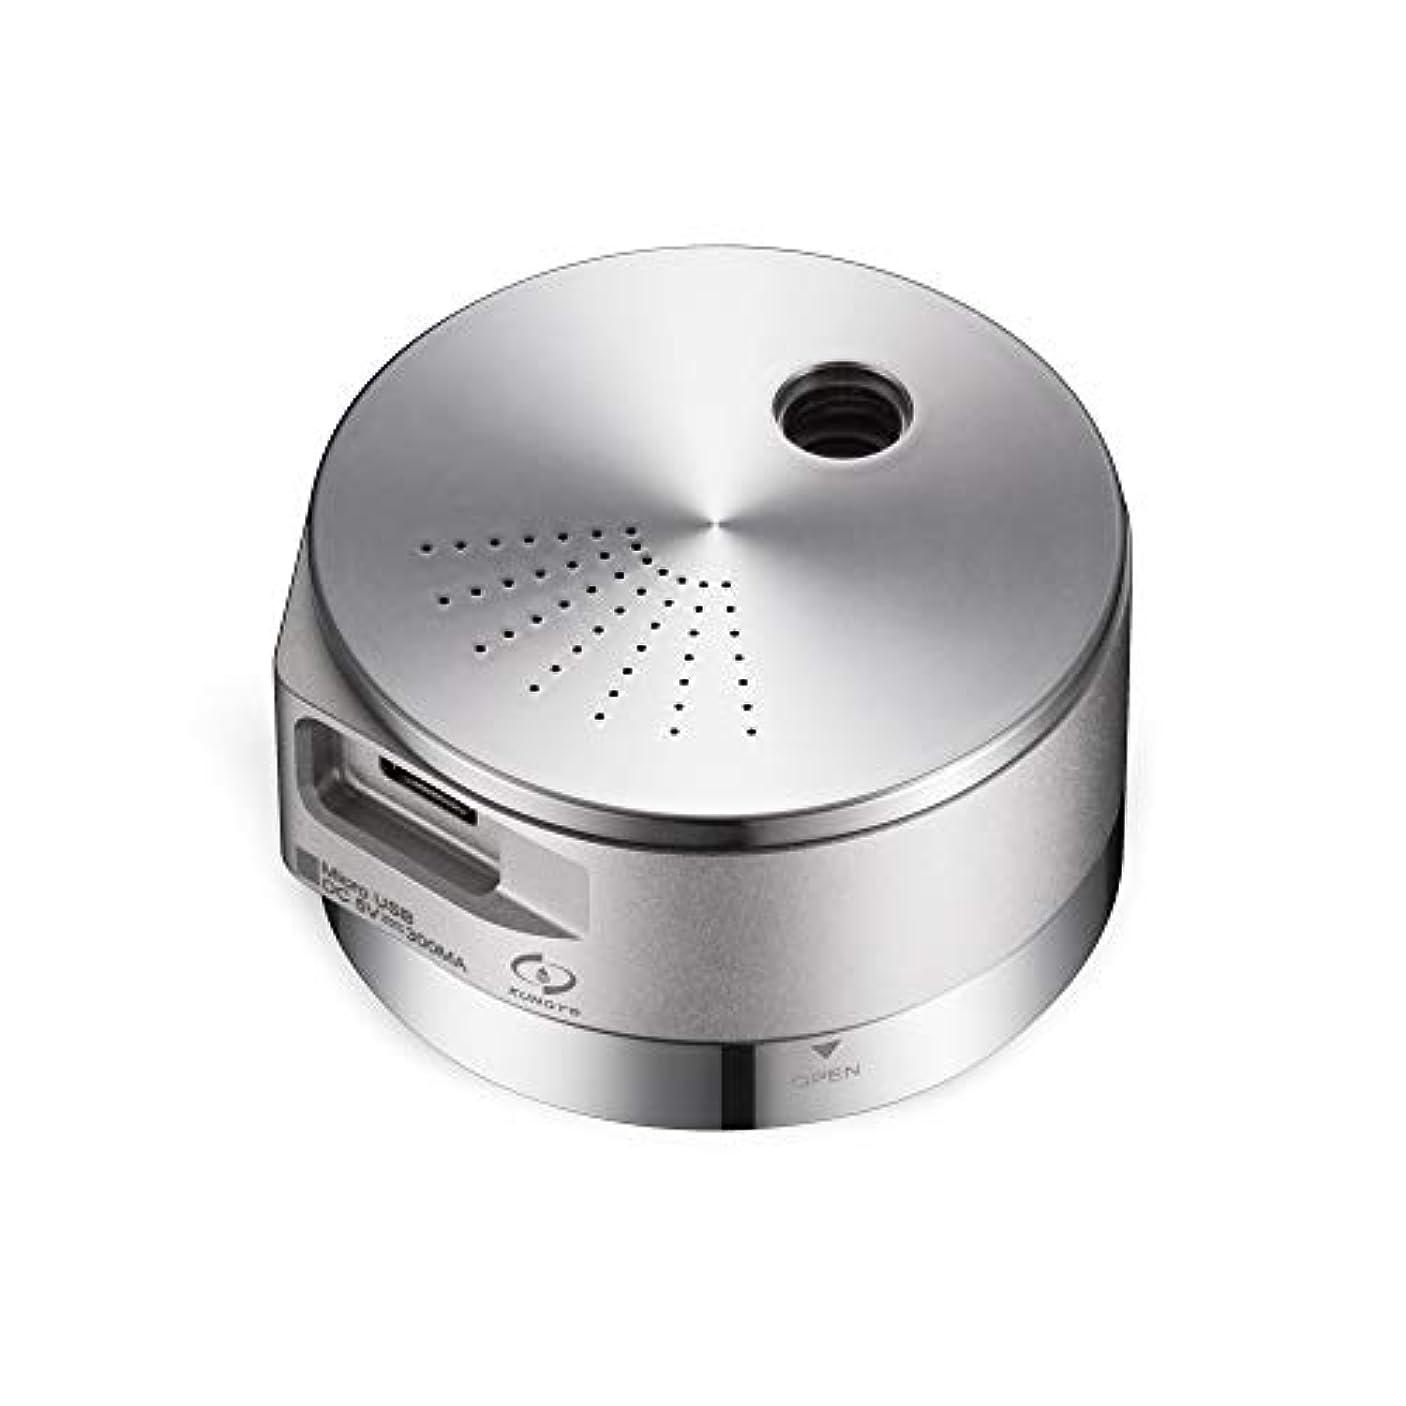 母性野望自由ミニ加湿器 - ポータブルエッセンシャルオイルディフューザー、USBチャージ、自動シャットオフアロマディフューザー(アルミ、25ml) 141[並行輸入]